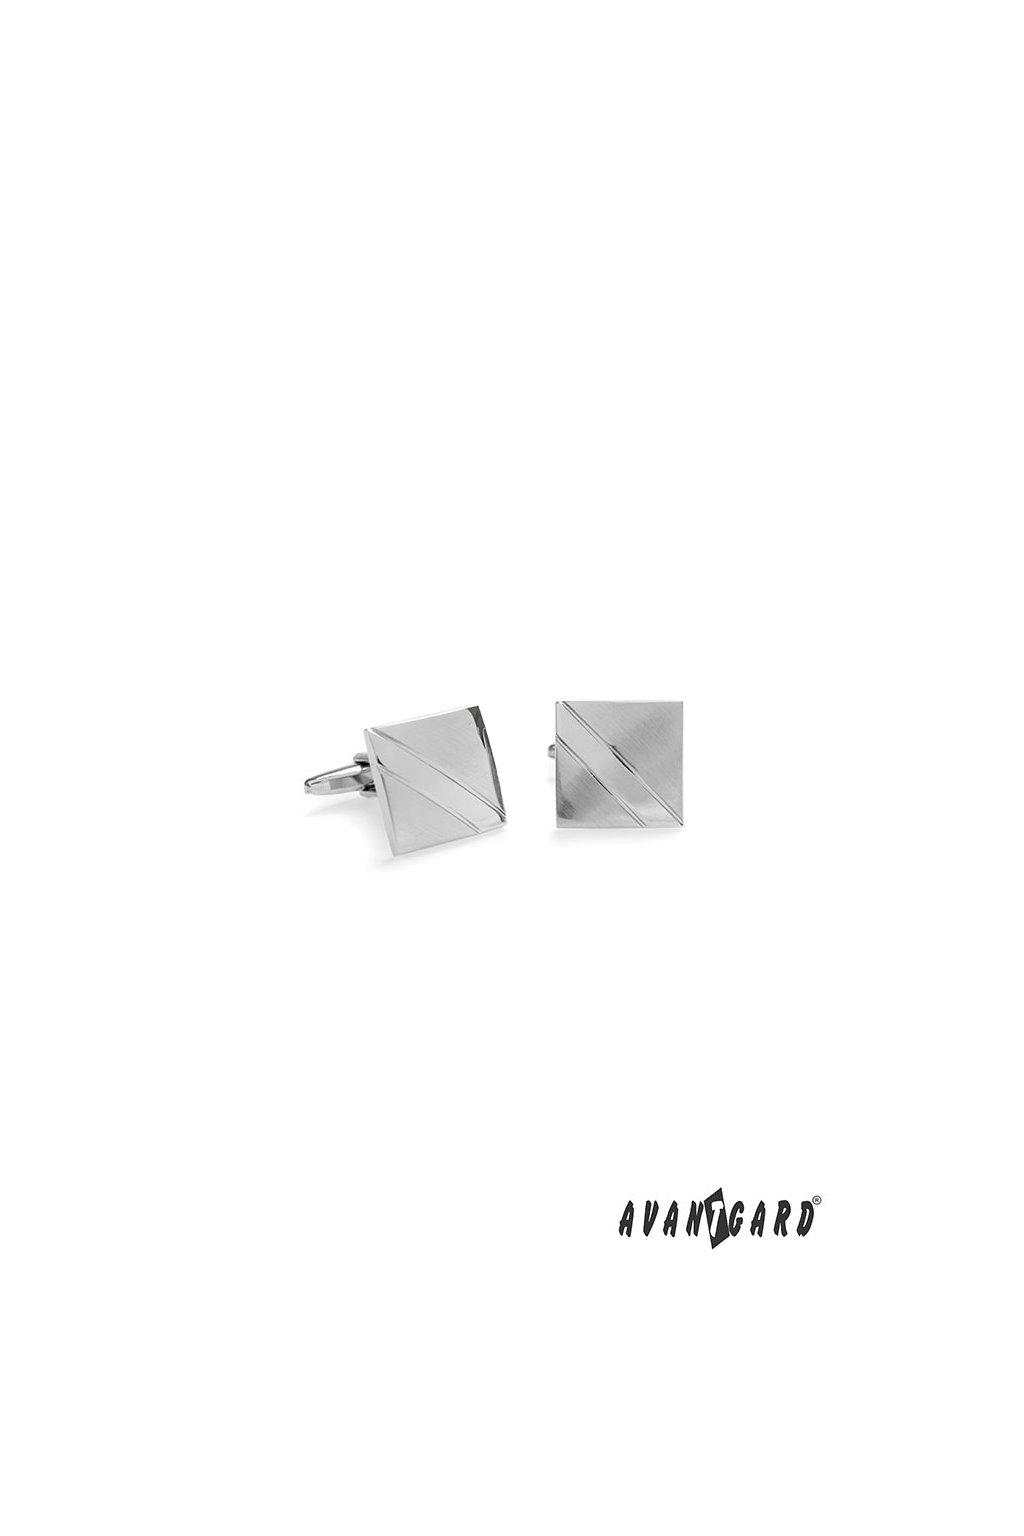 Manžetové knoflíčky PREMIUM stříbrná mat/lesk 573 - 20586